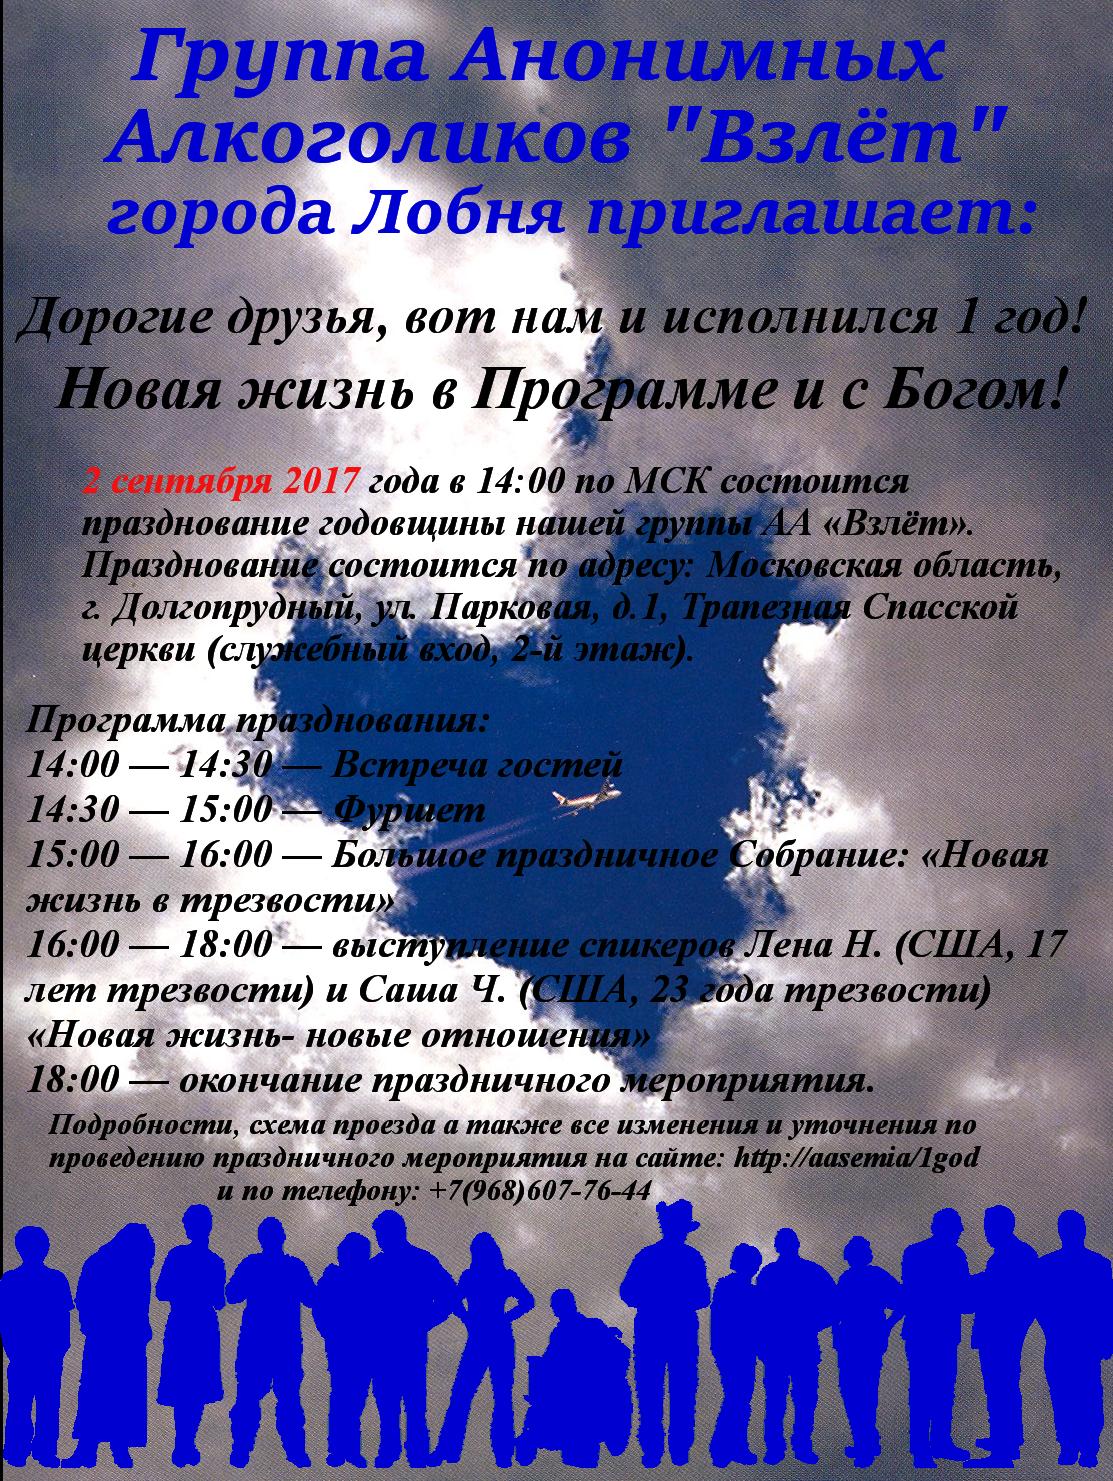 Аа москвы и московской области